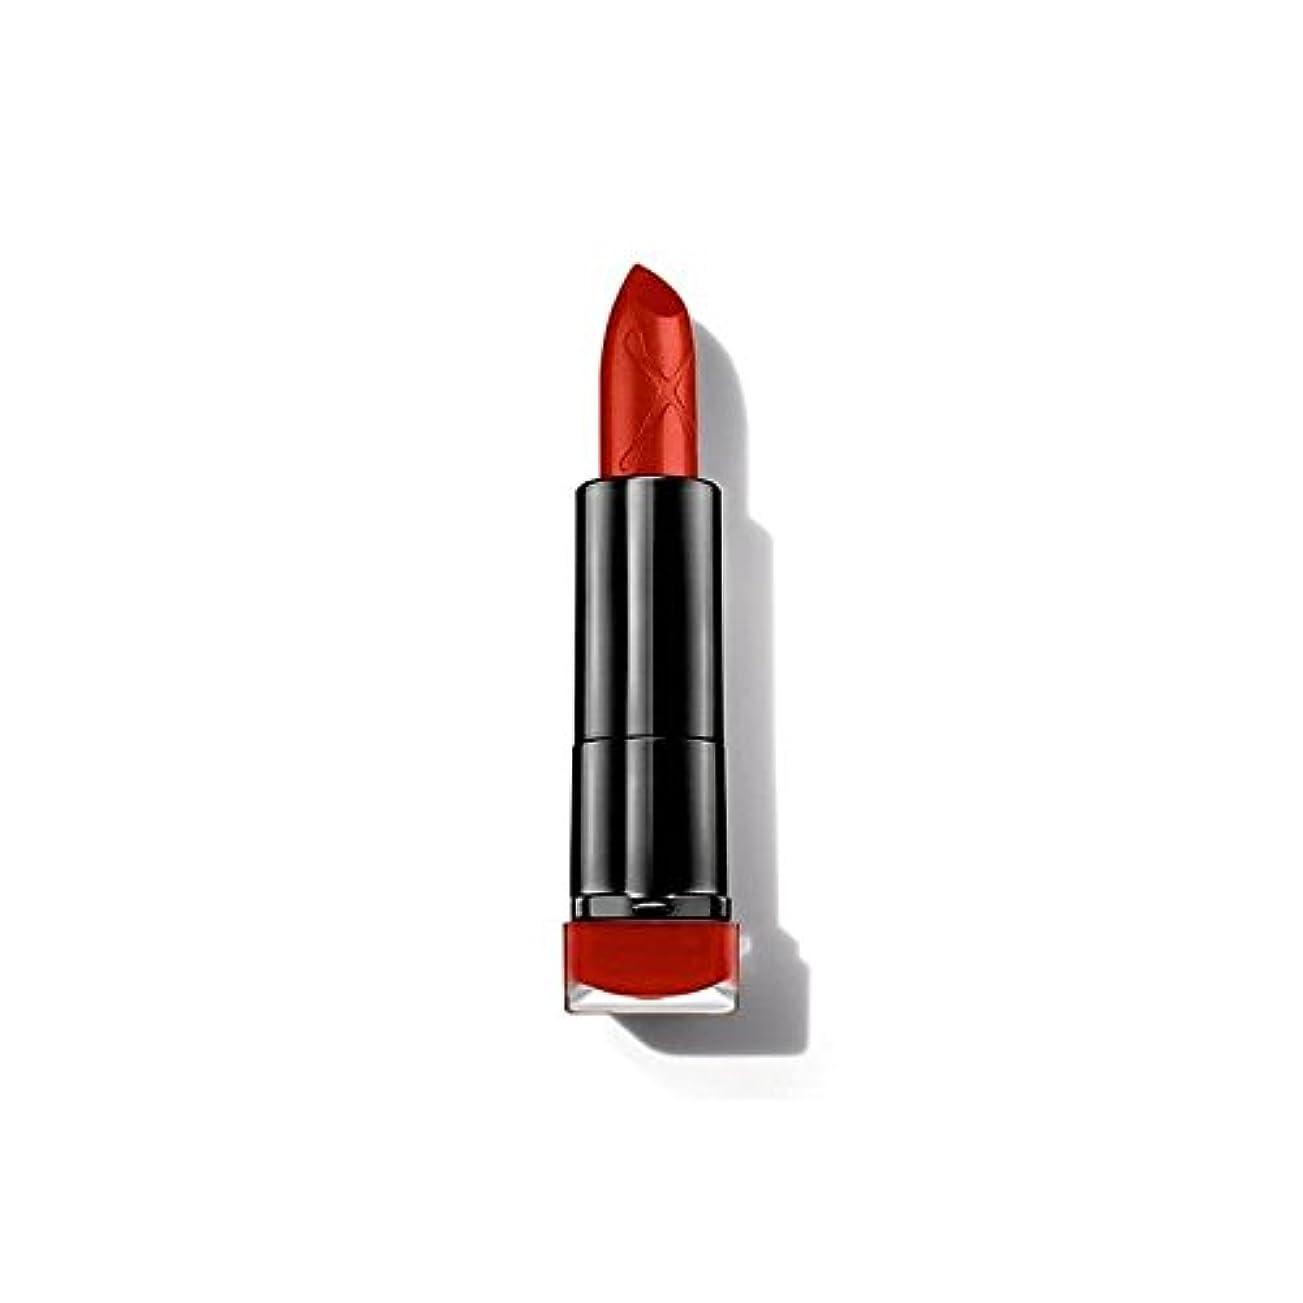 胸便利さ保育園マックスファクターカラーエリキシルマット弾丸口紅の願望30 x2 - Max Factor Colour Elixir Matte Bullet Lipstick Desire 30 (Pack of 2) [並行輸入品]